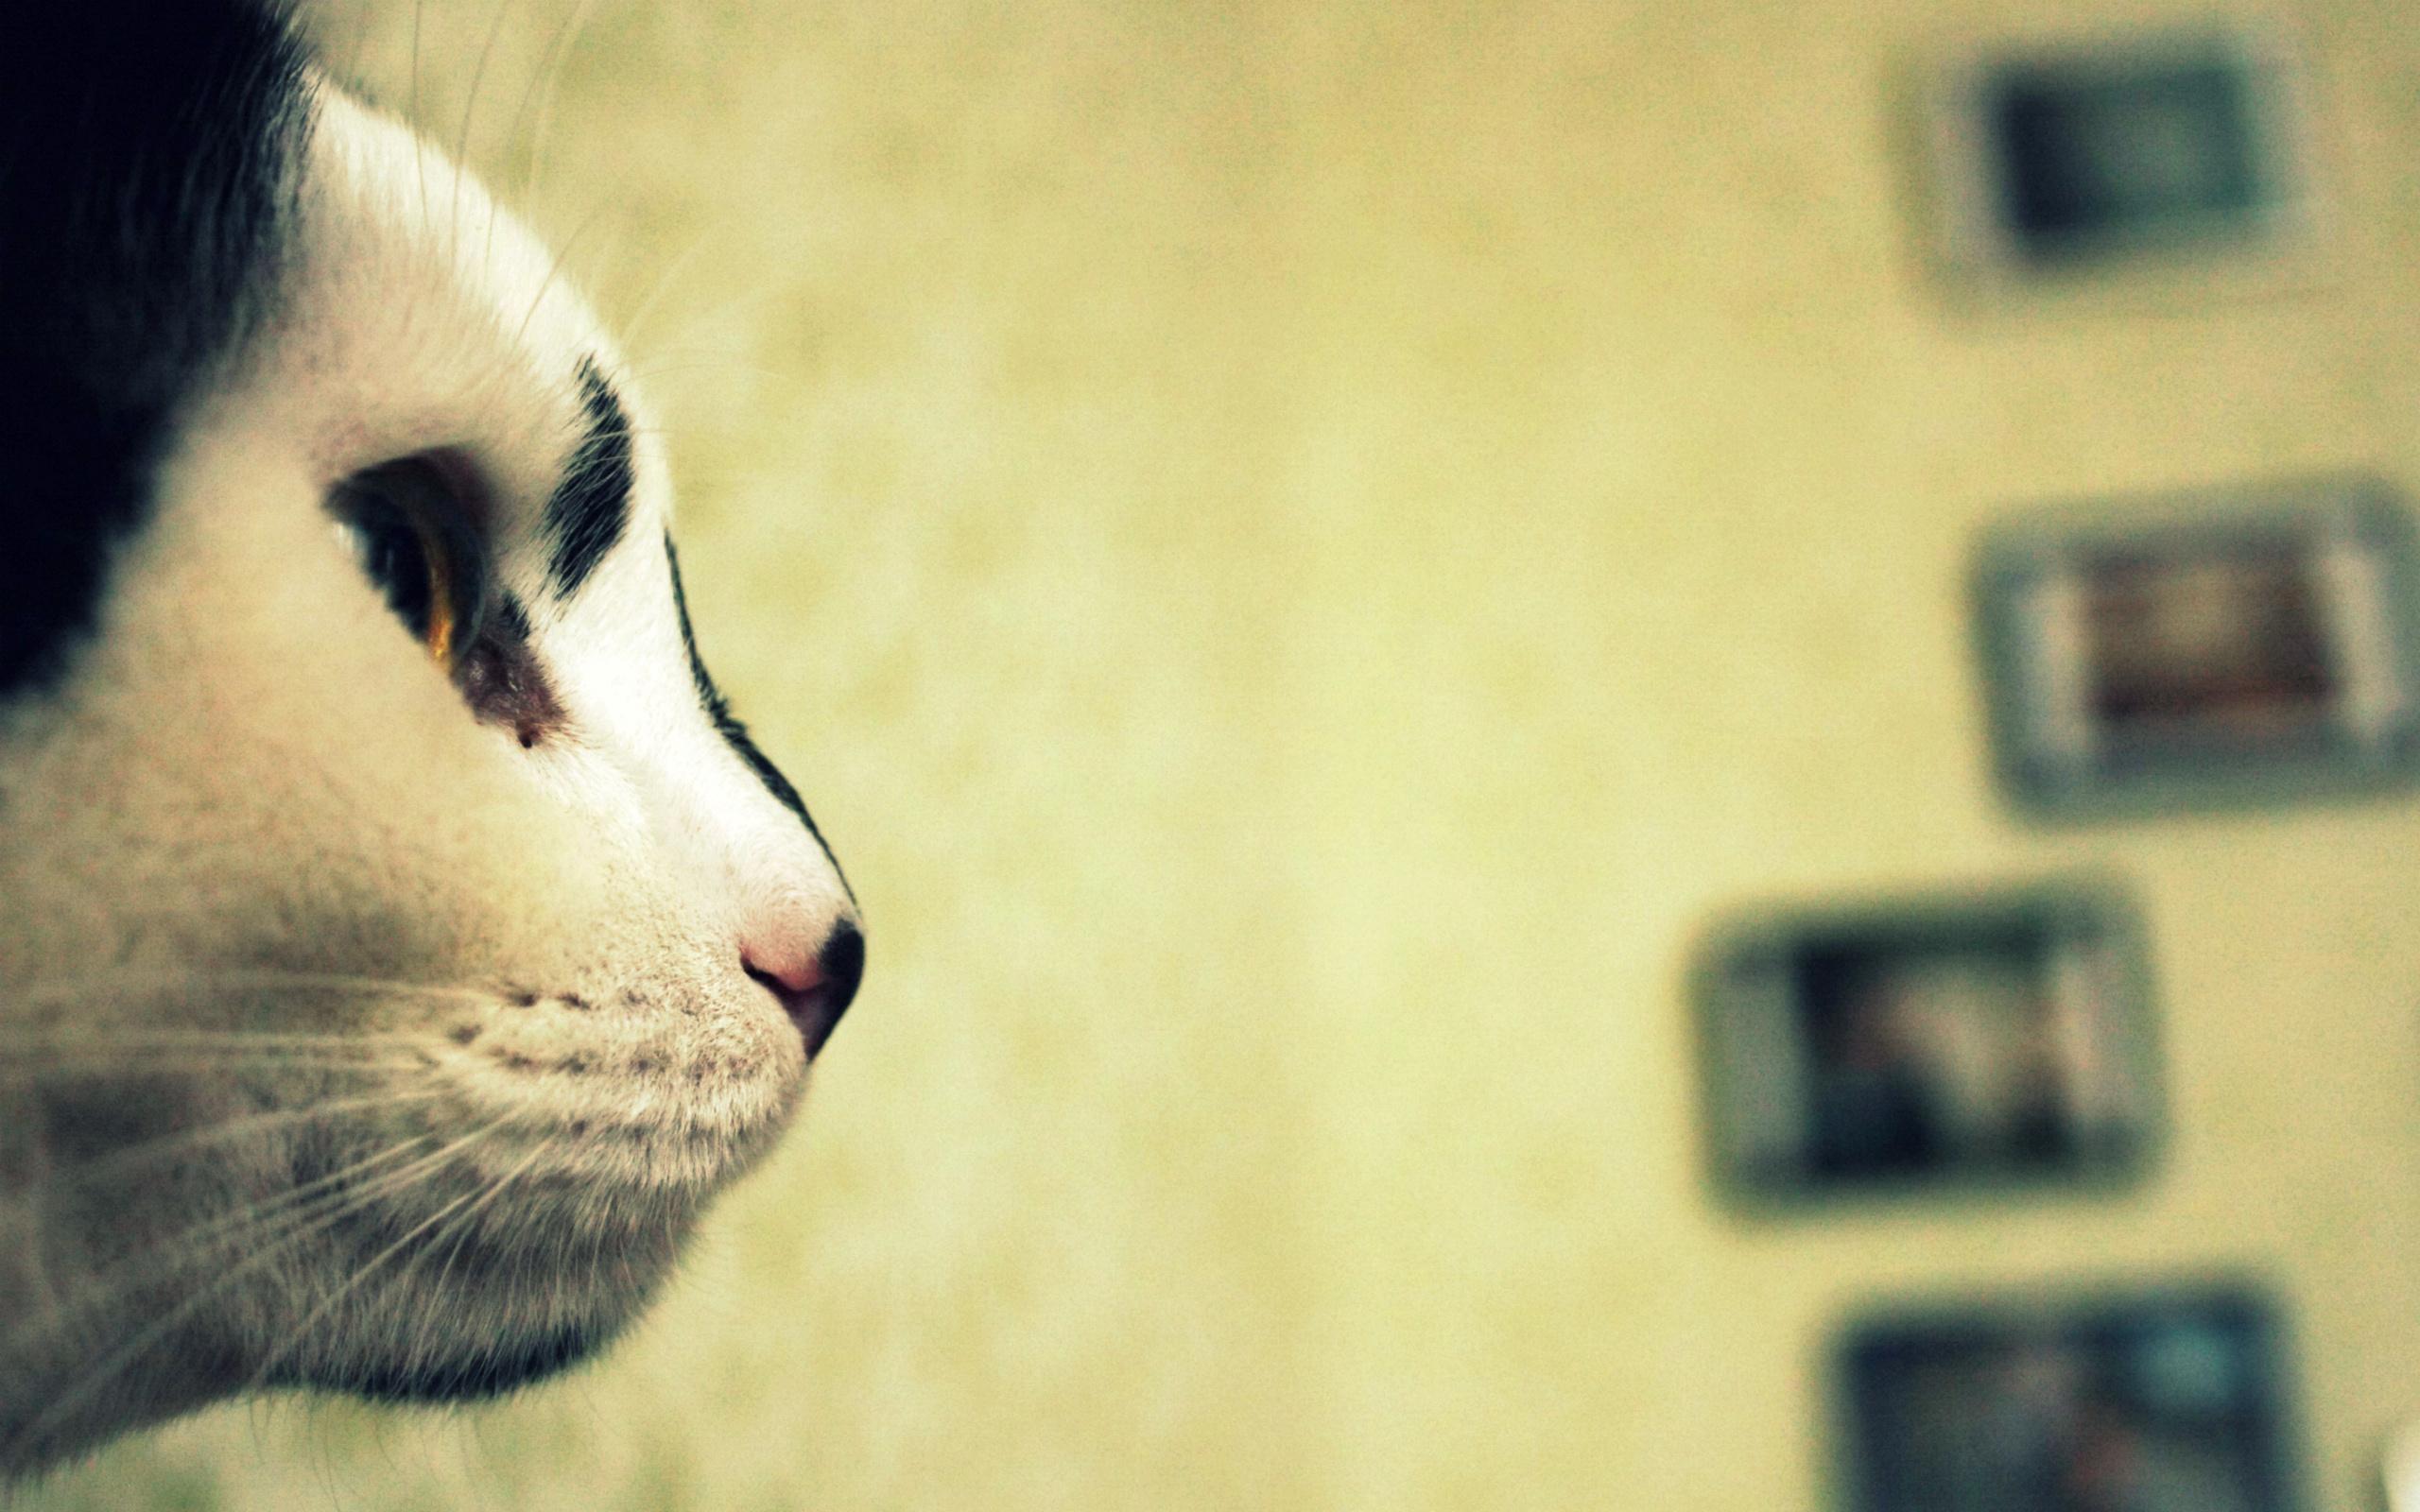 нос, морда, взгляд, котэ, Кот, кошка